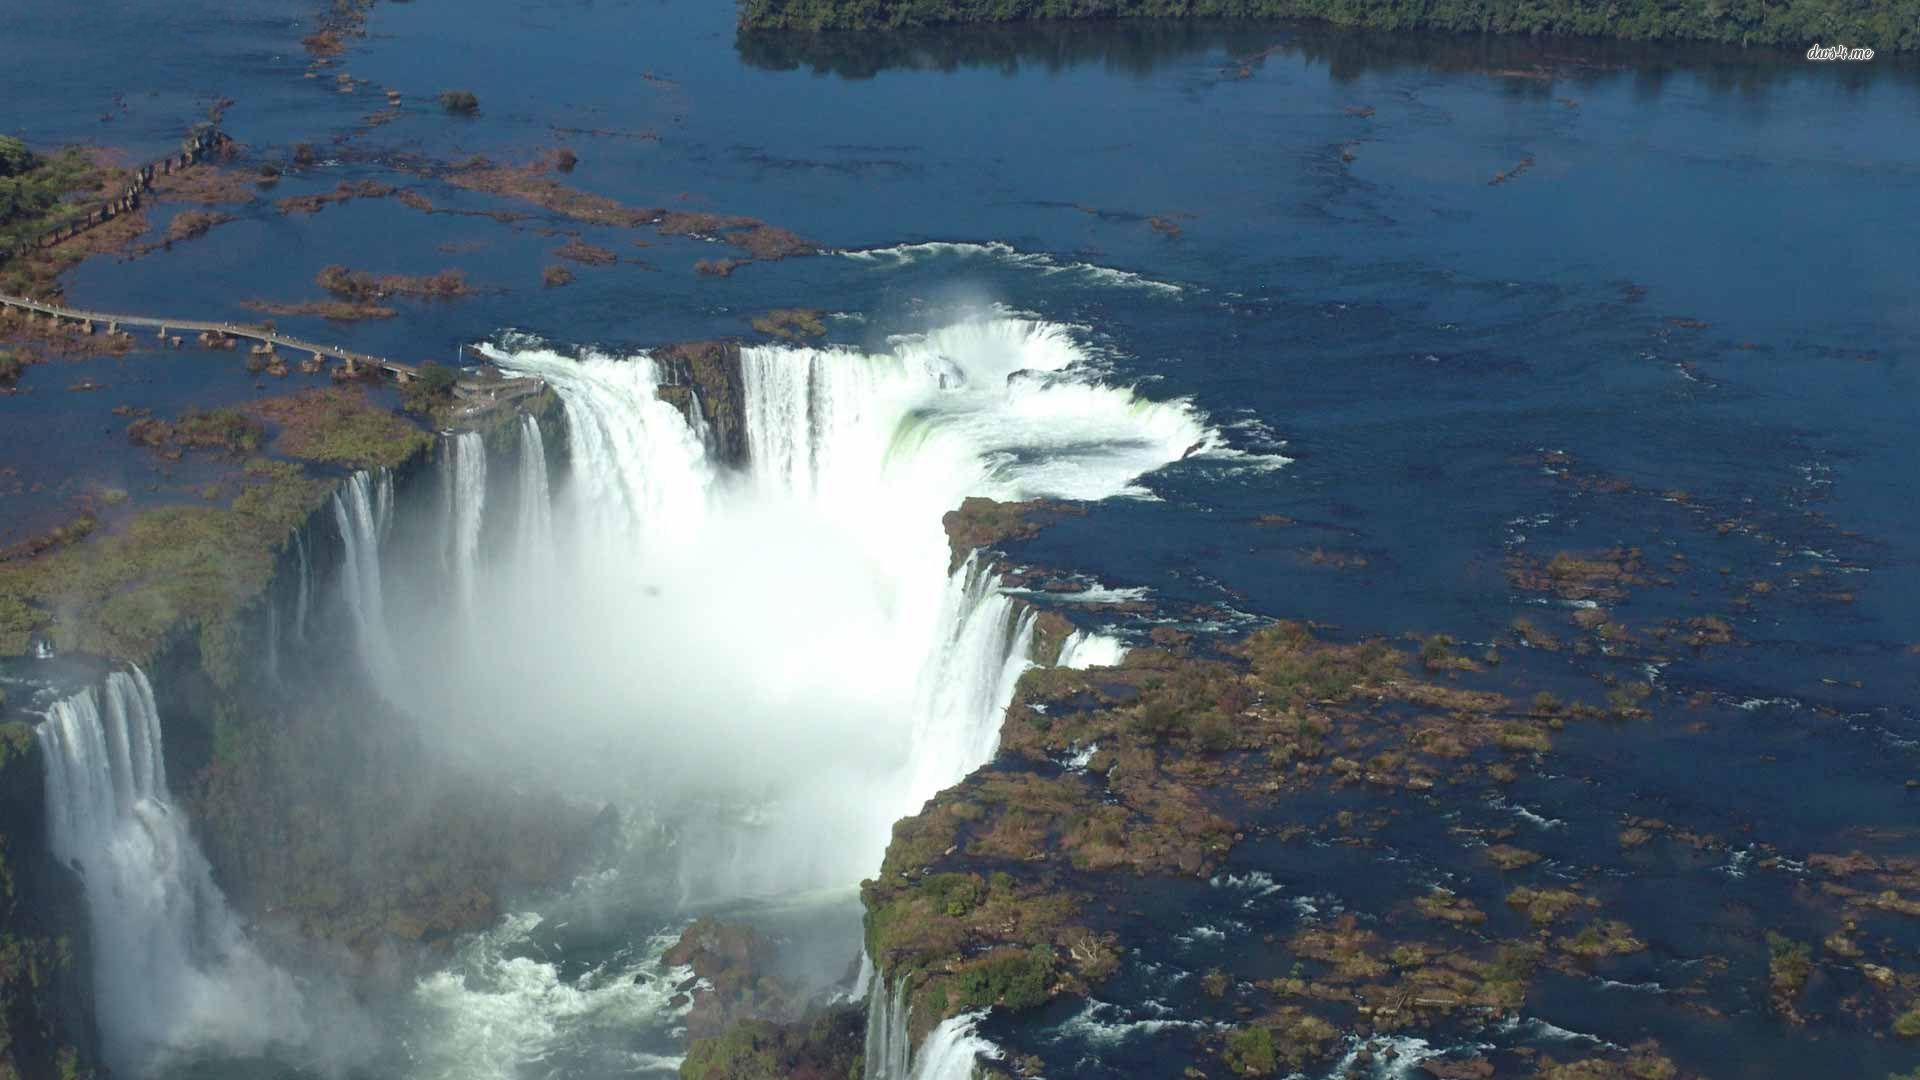 Niagara Falls Hd Wallpaper For Desktop Iguazu Falls Wallpapers Wallpaper Cave